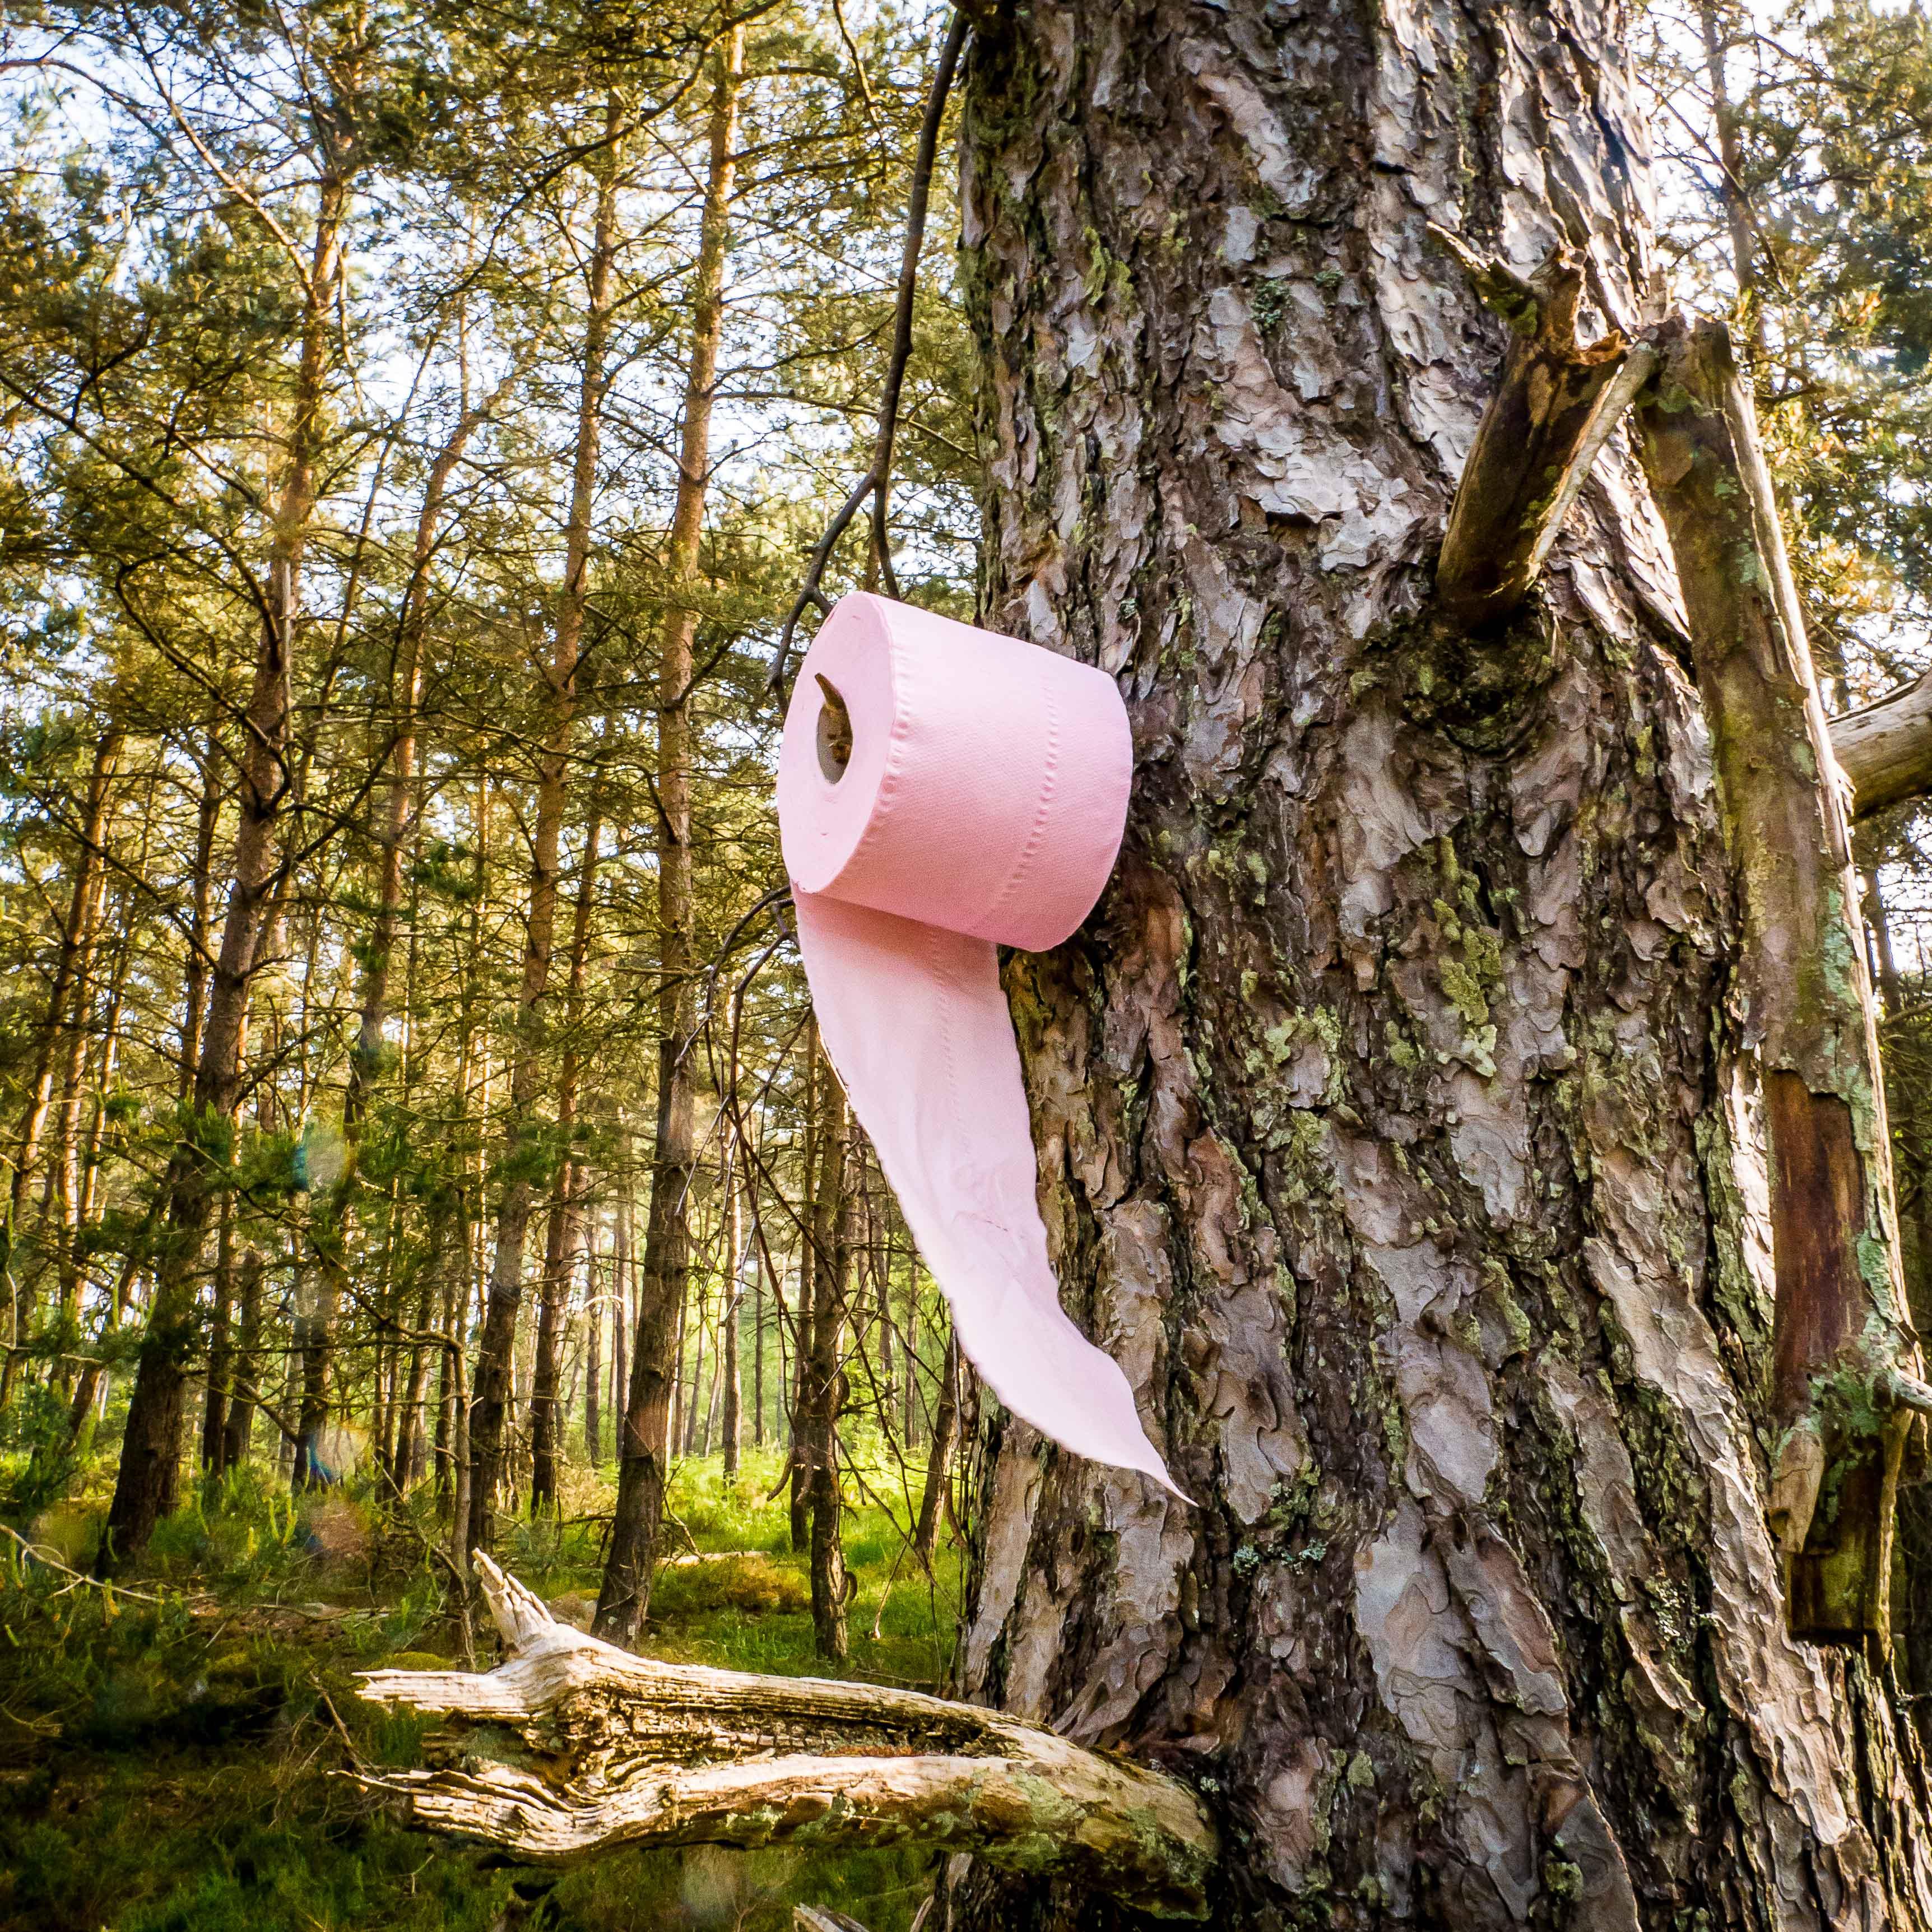 Comment (vraiment) chier dans les bois et y faire ses besoins ?